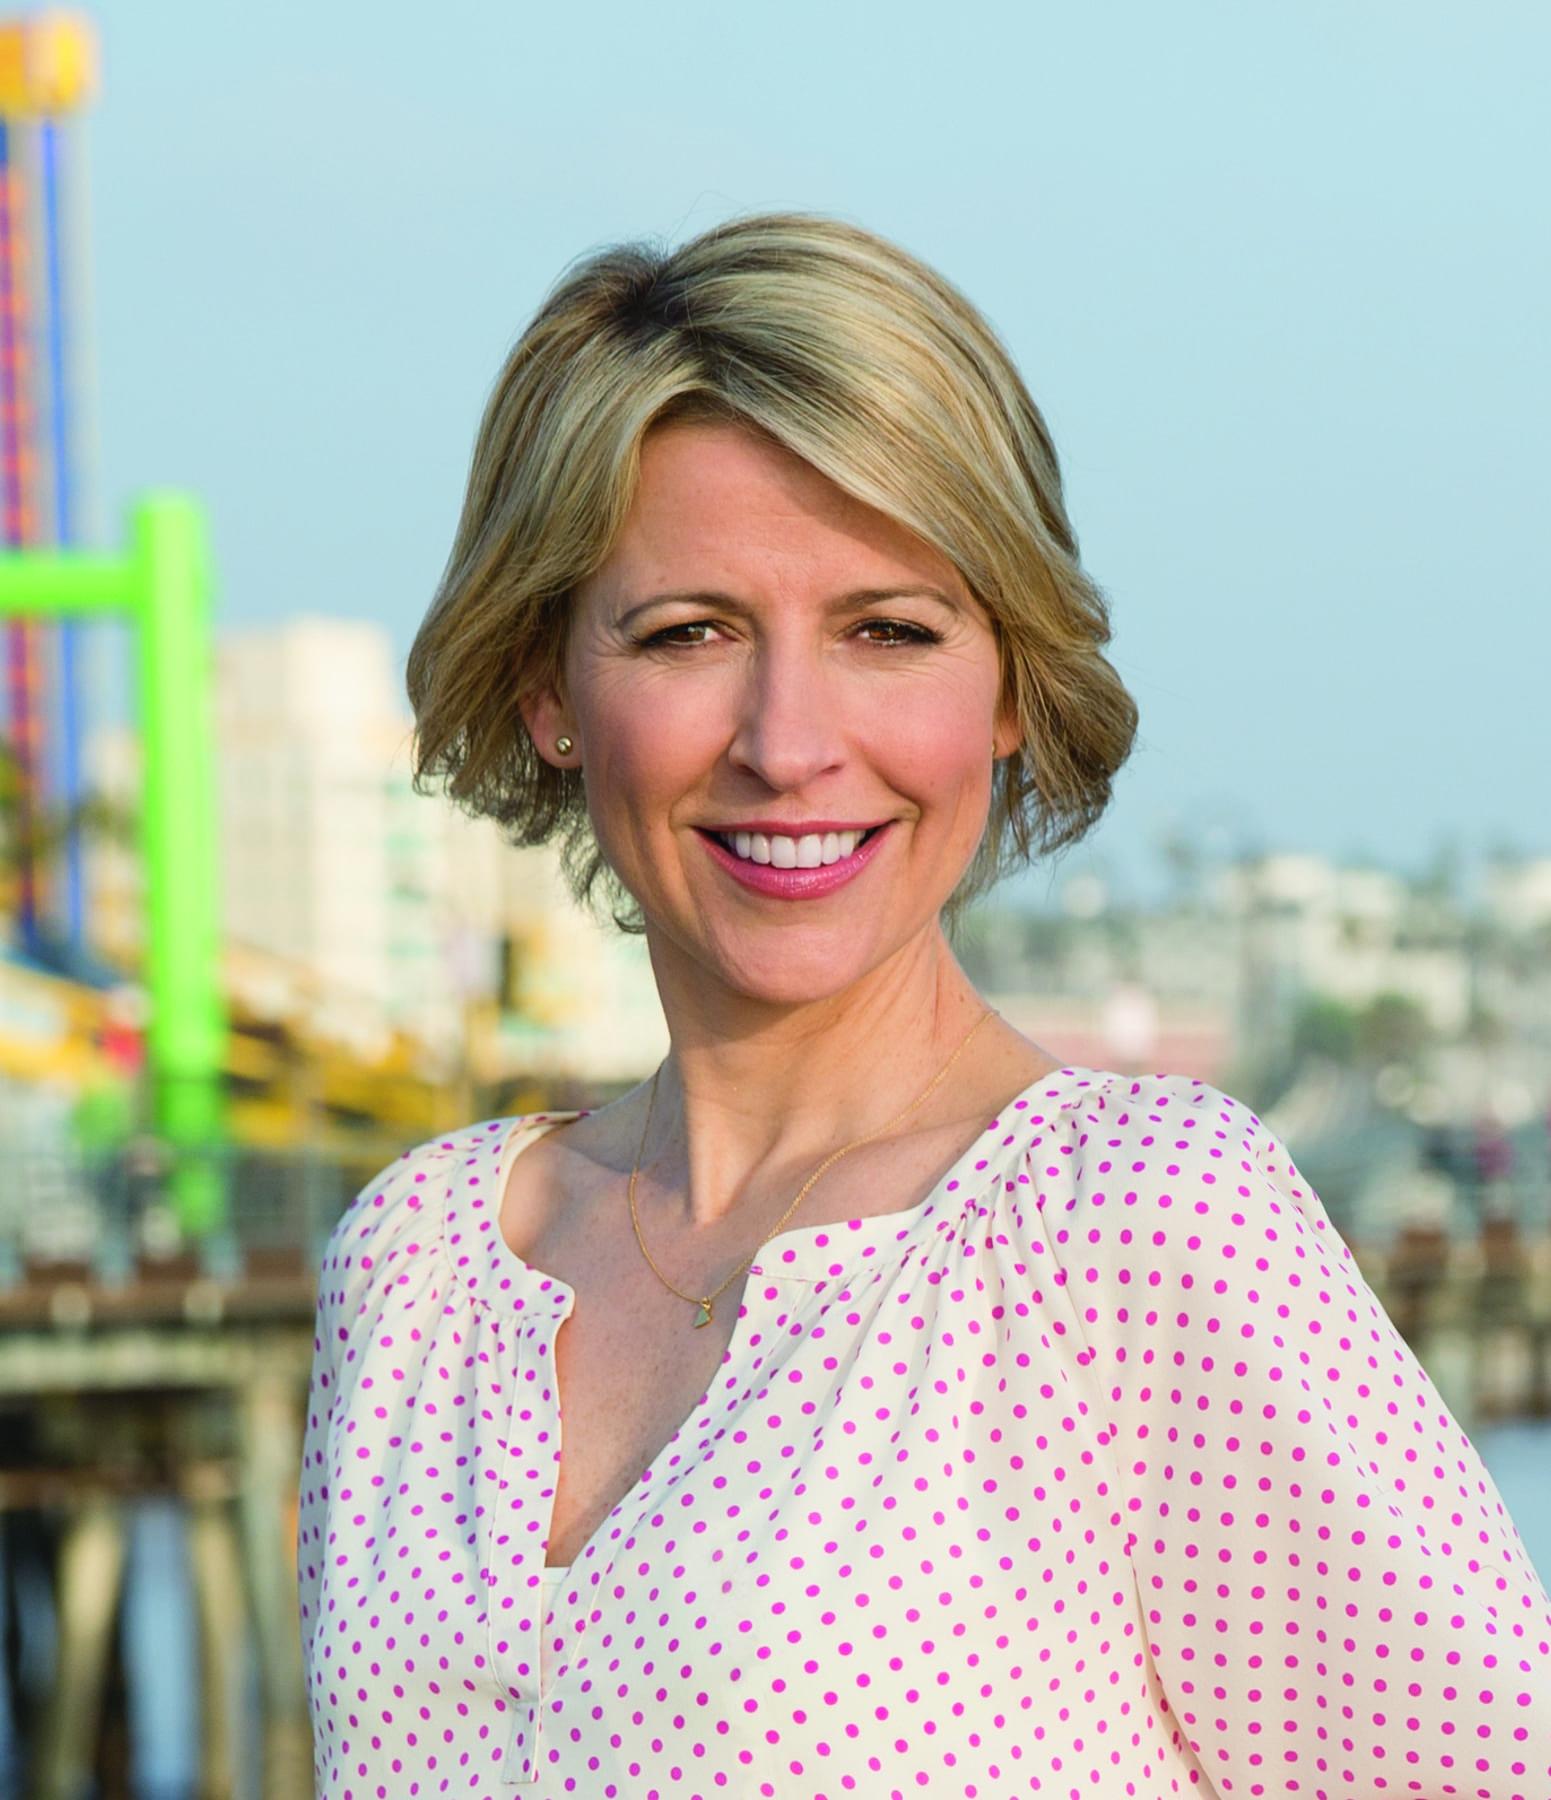 TV host Samantha Brown